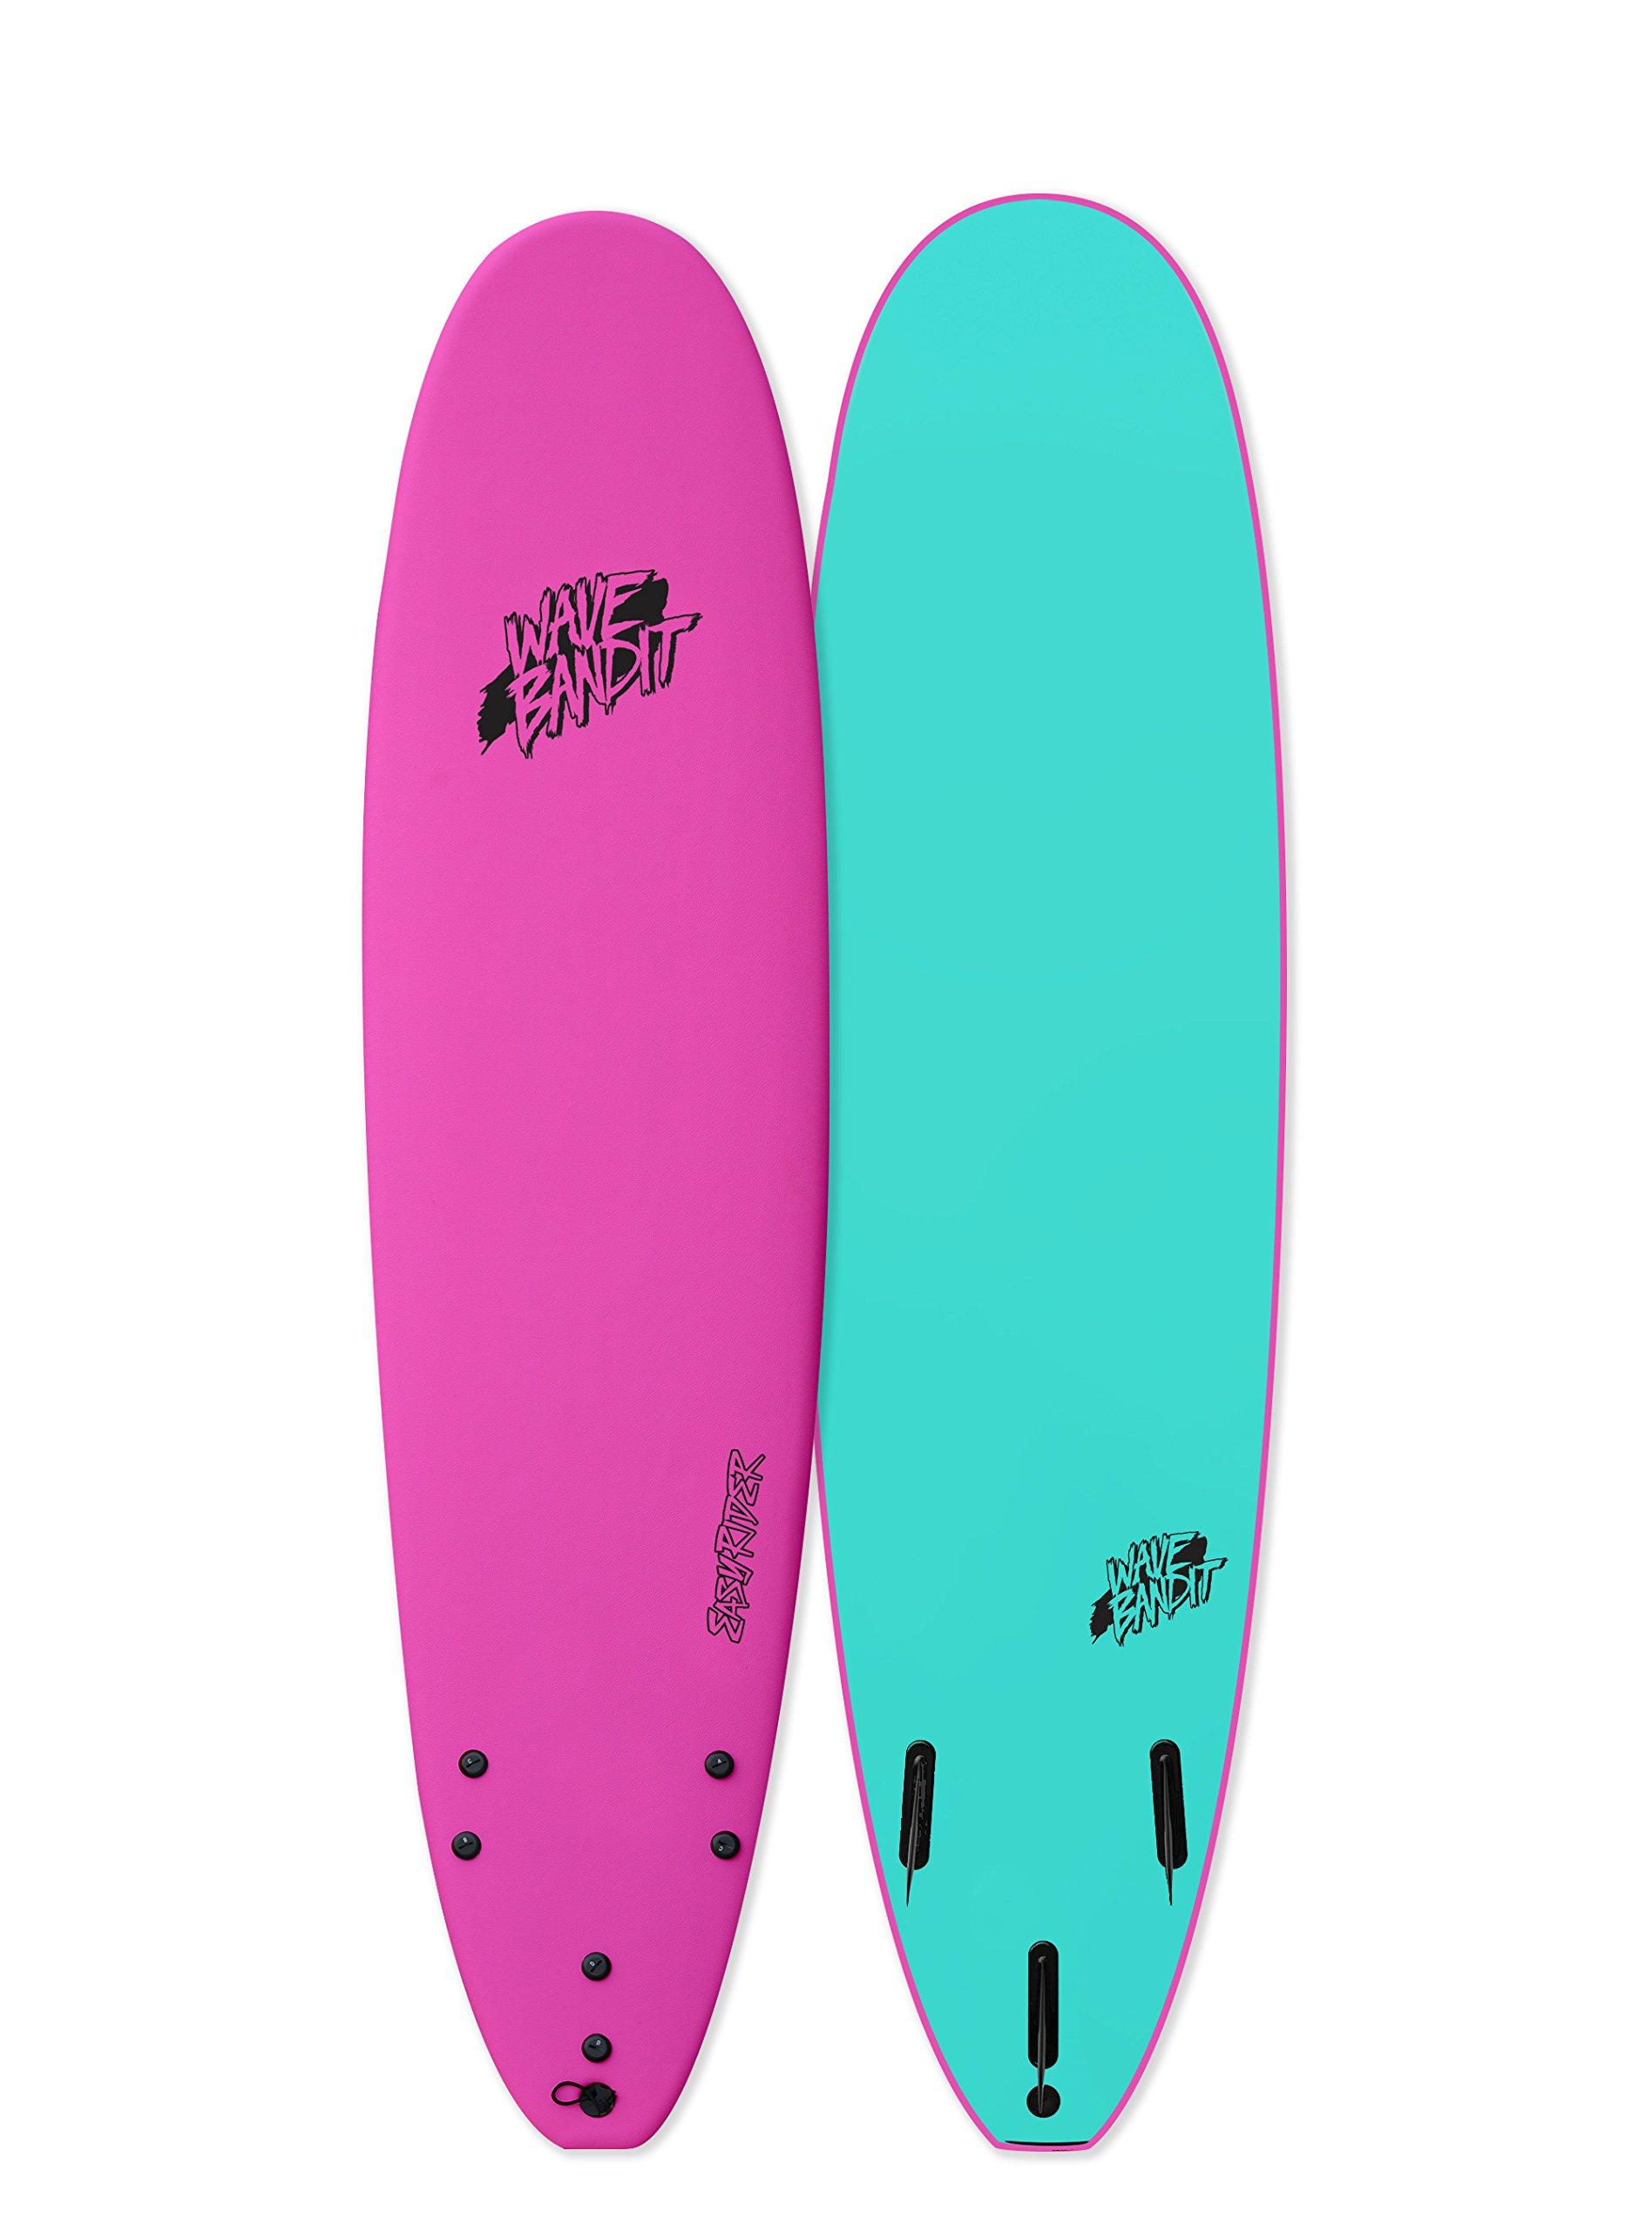 Wave Bandit Catch Surf EZ Rider 8'0'' Short Surf Board, Neon Pink by Wave Bandit